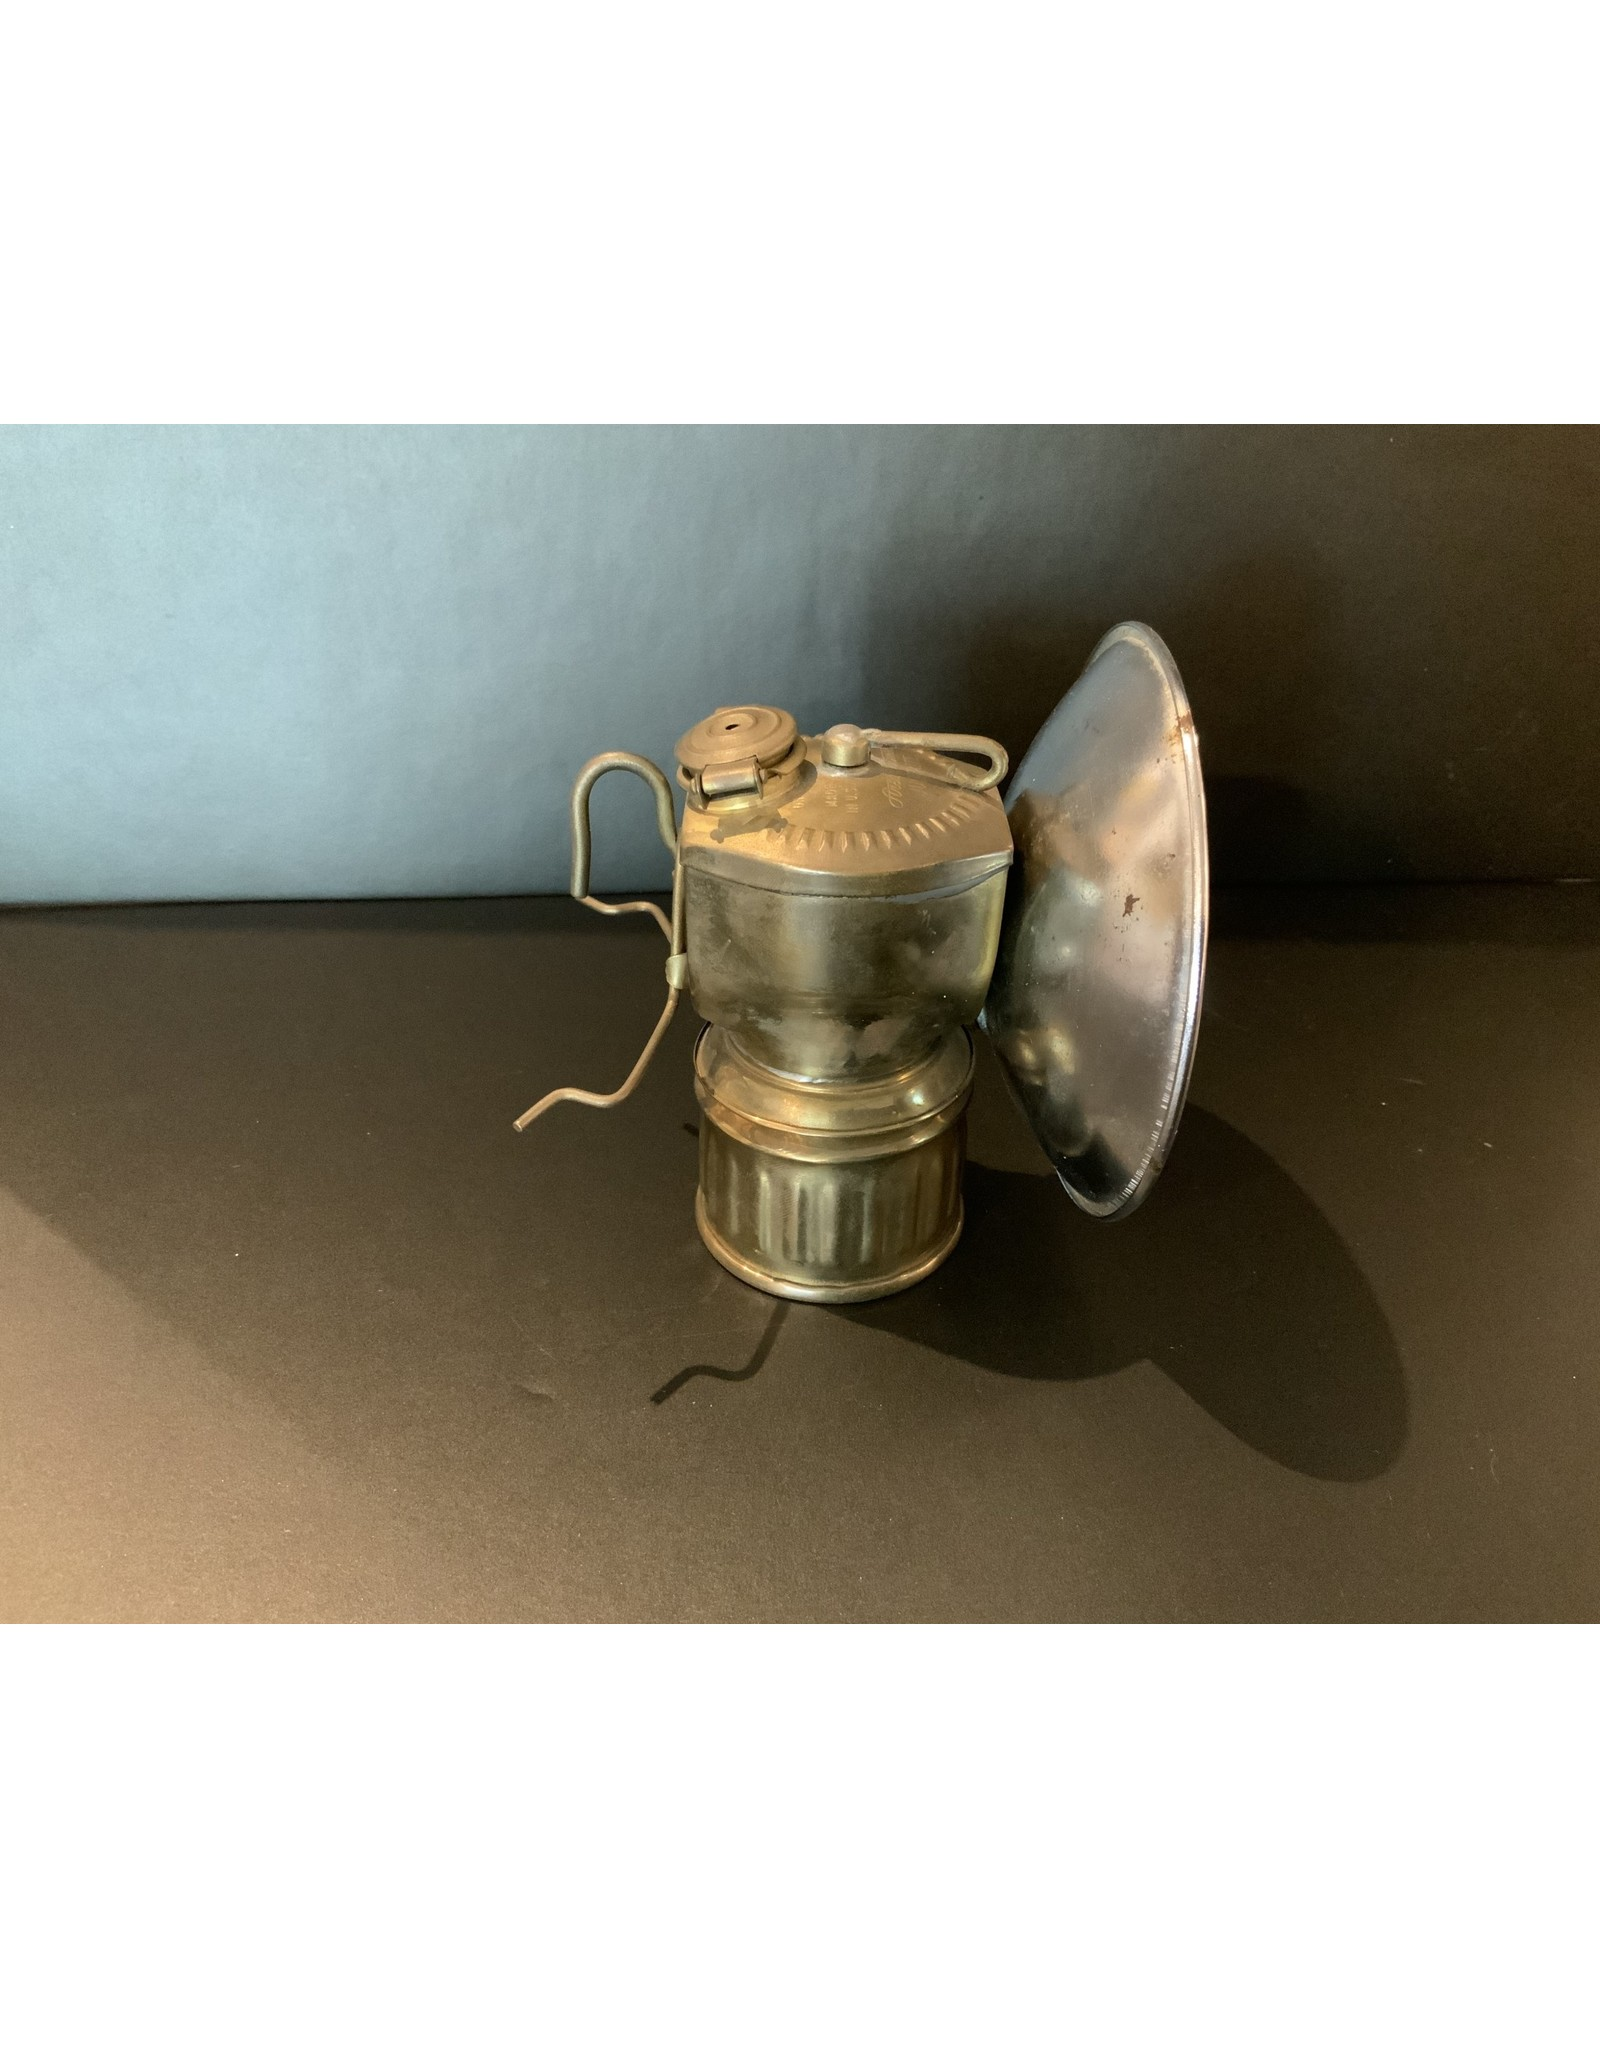 SPV Vintage Justrite carbide mining light